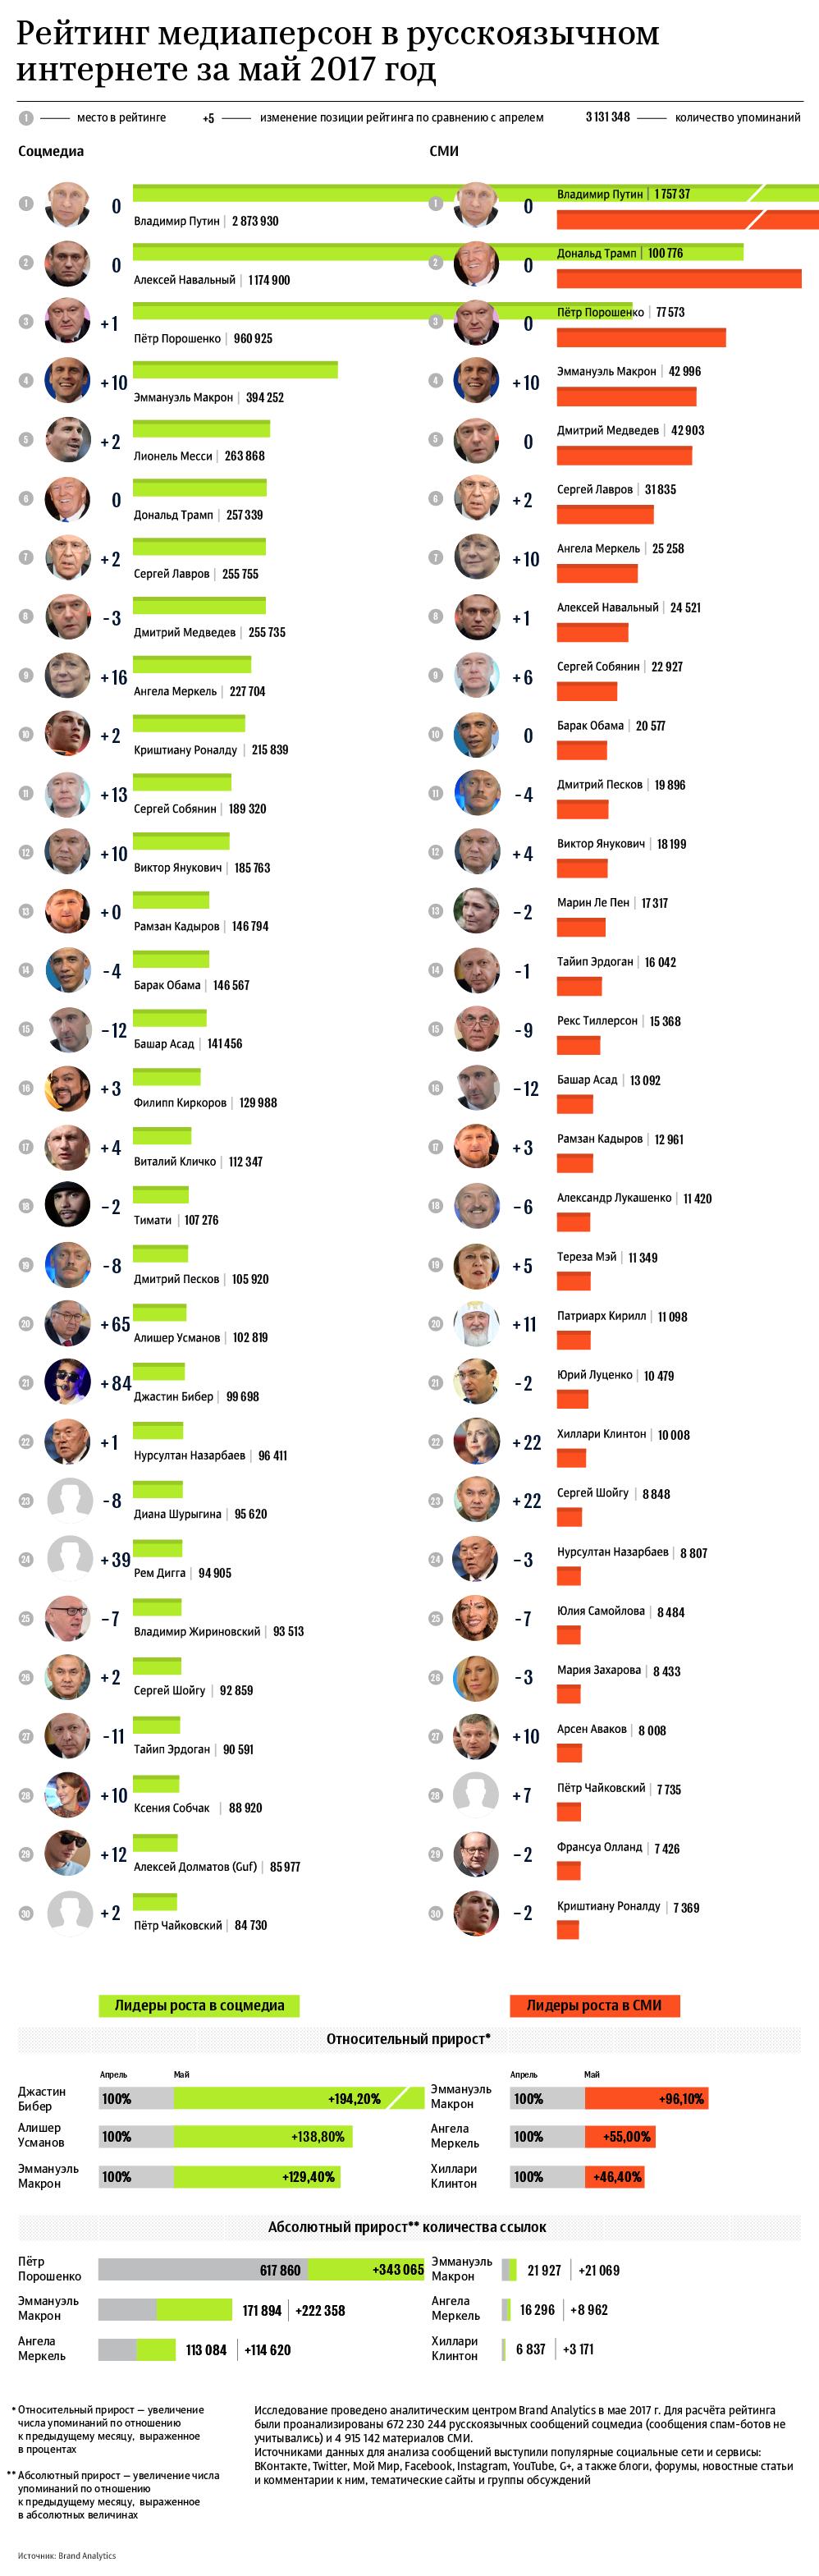 Рейтинг медиаперсон в русскоязычном интернете за май 2017 год